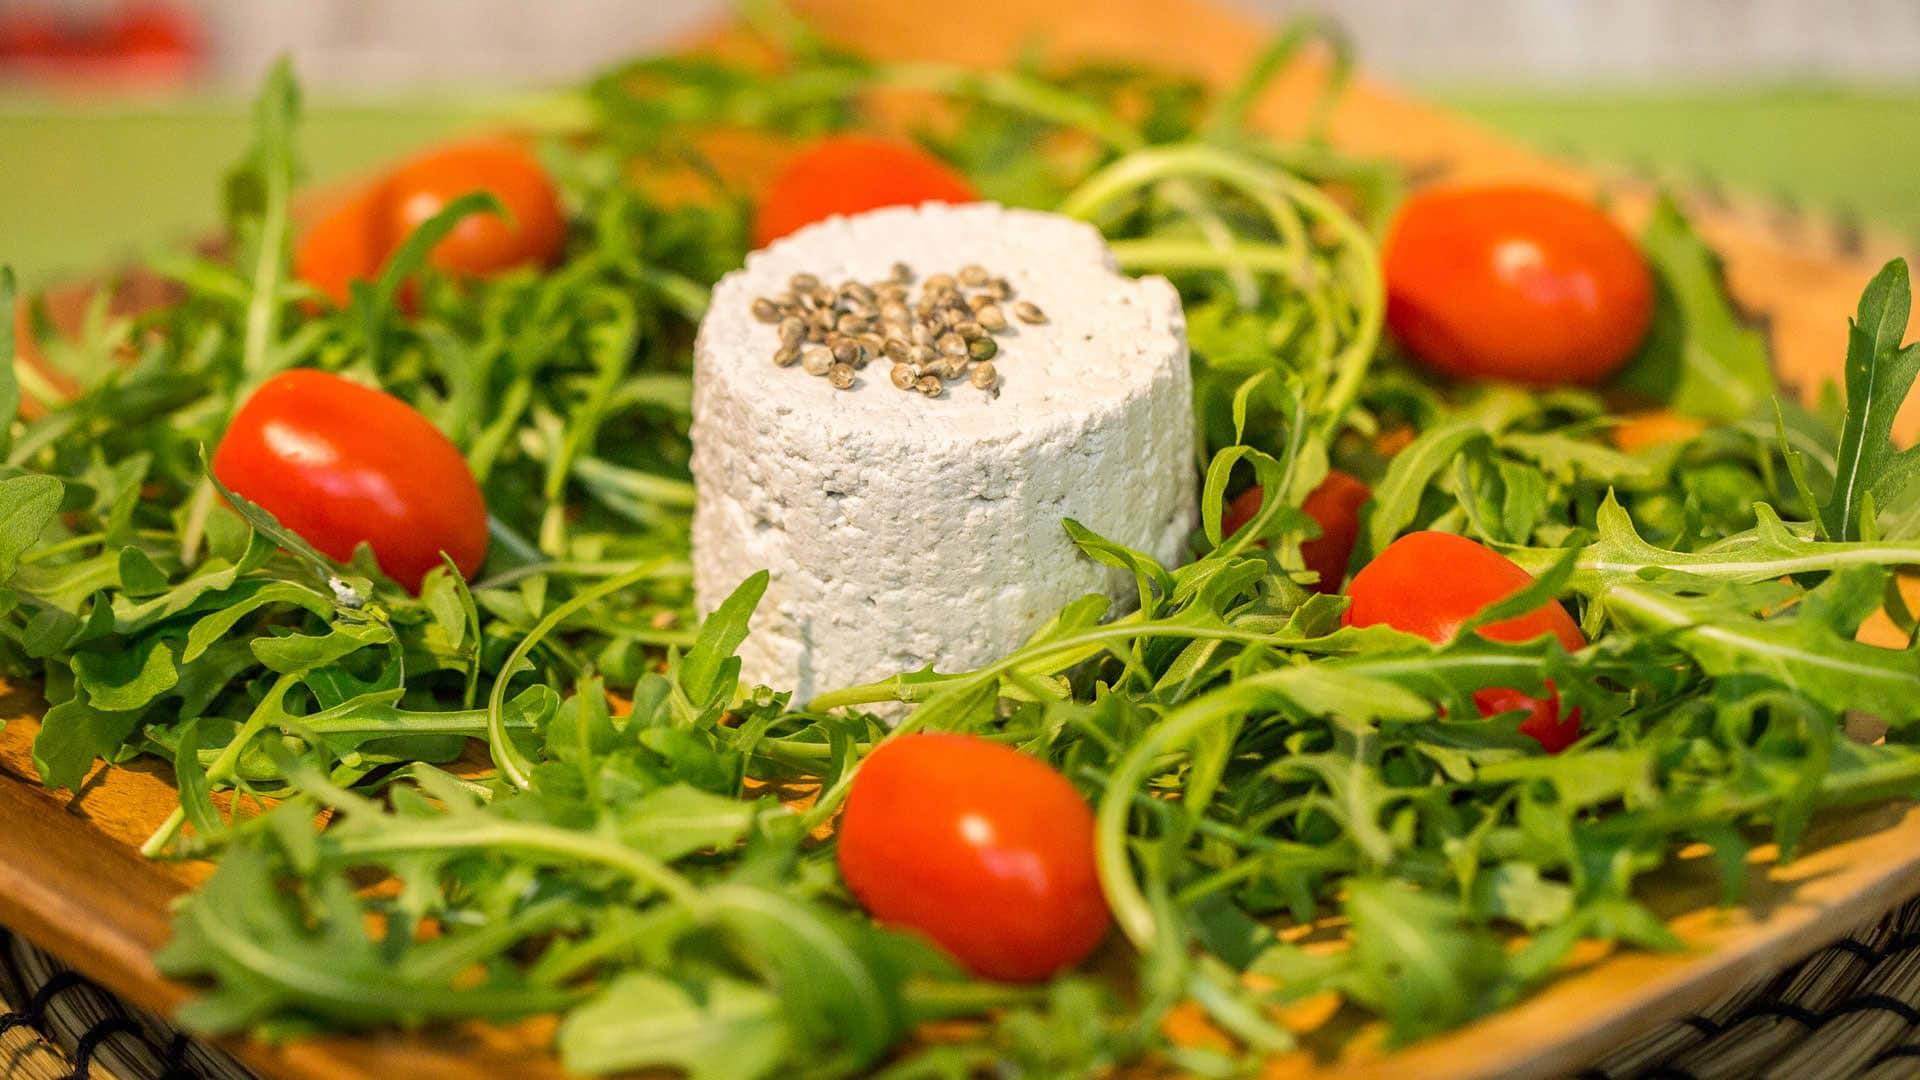 Foto Tofu di Canapa (Hemp-Fu) - Formaggio Vegetale con Latte di Semi di Canapa